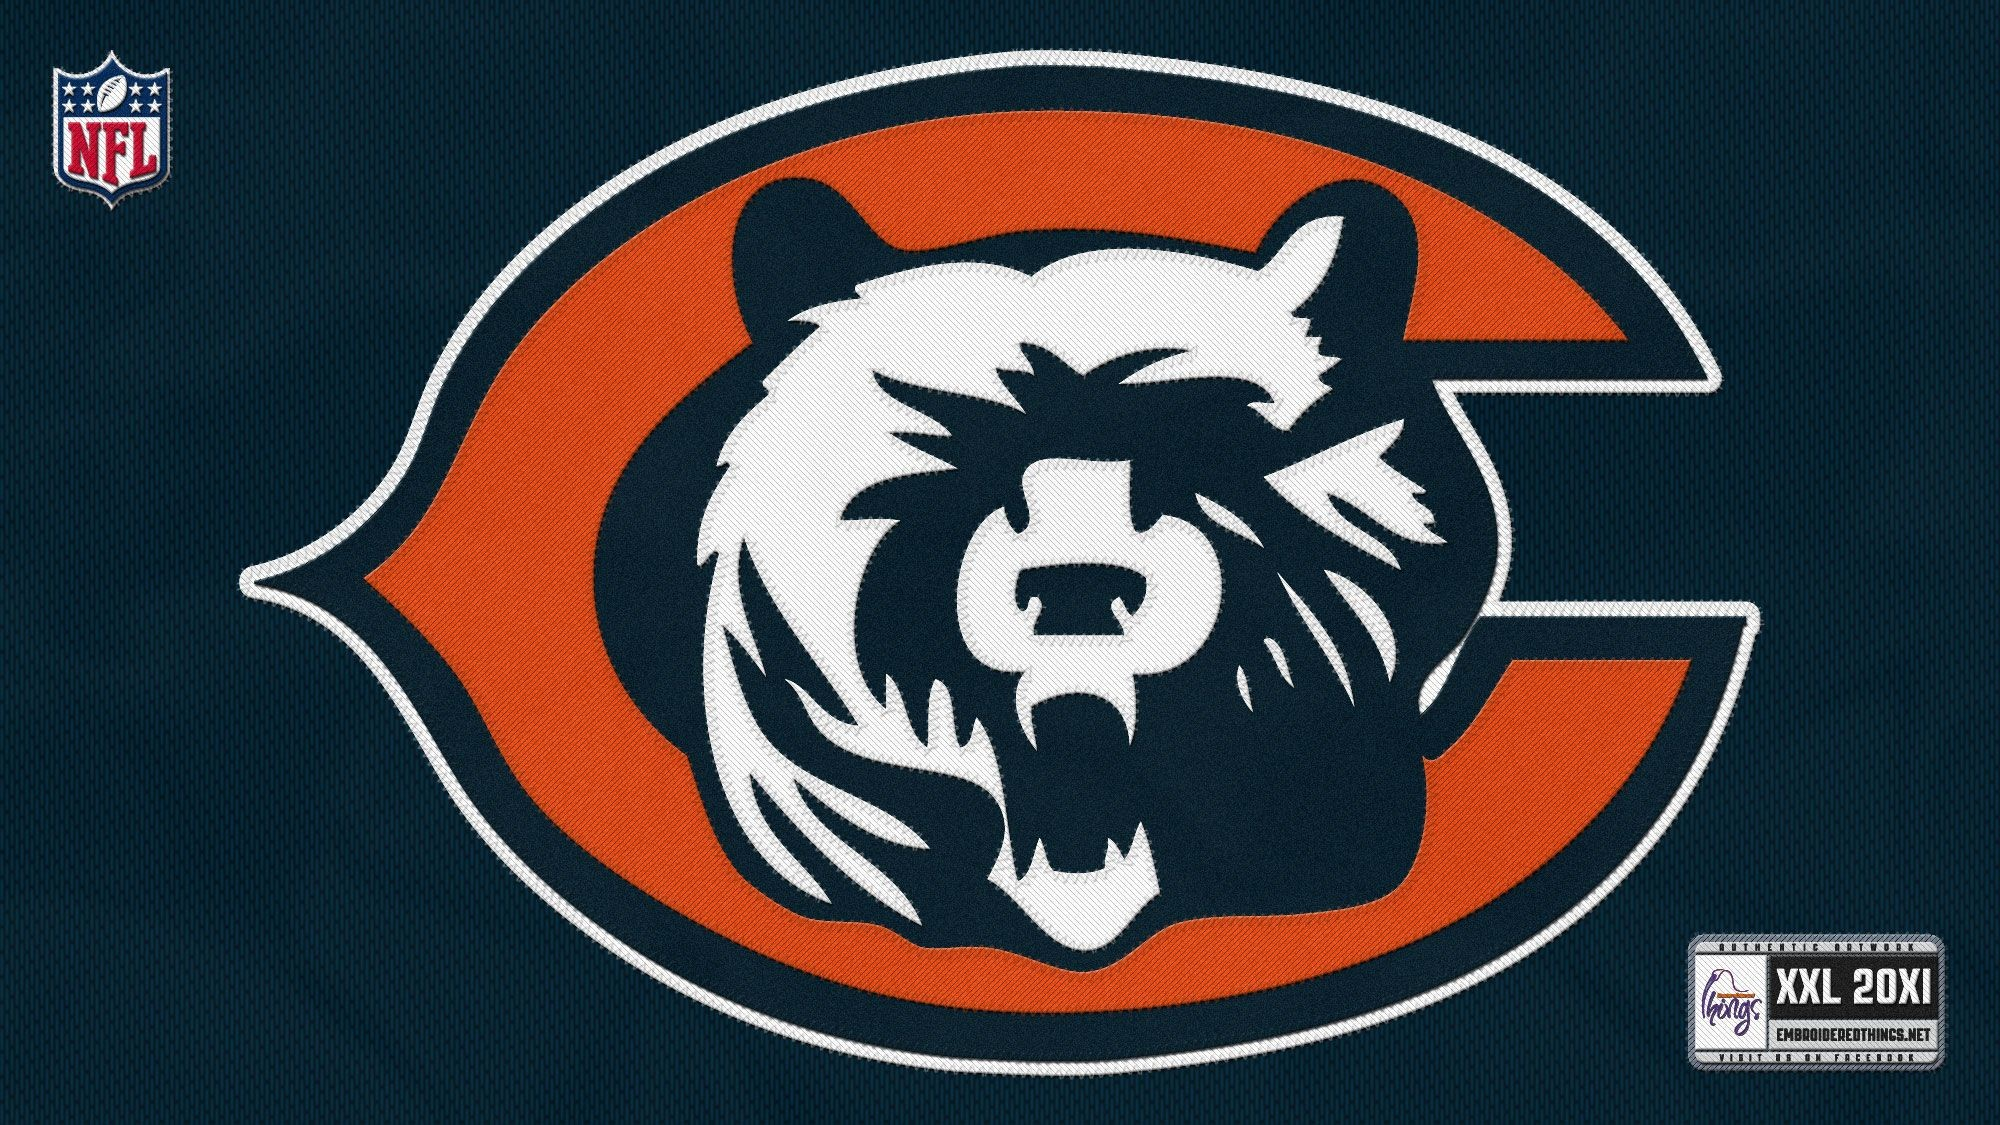 Chicago Bears Computer Wallpapers, Desktop Backgrounds